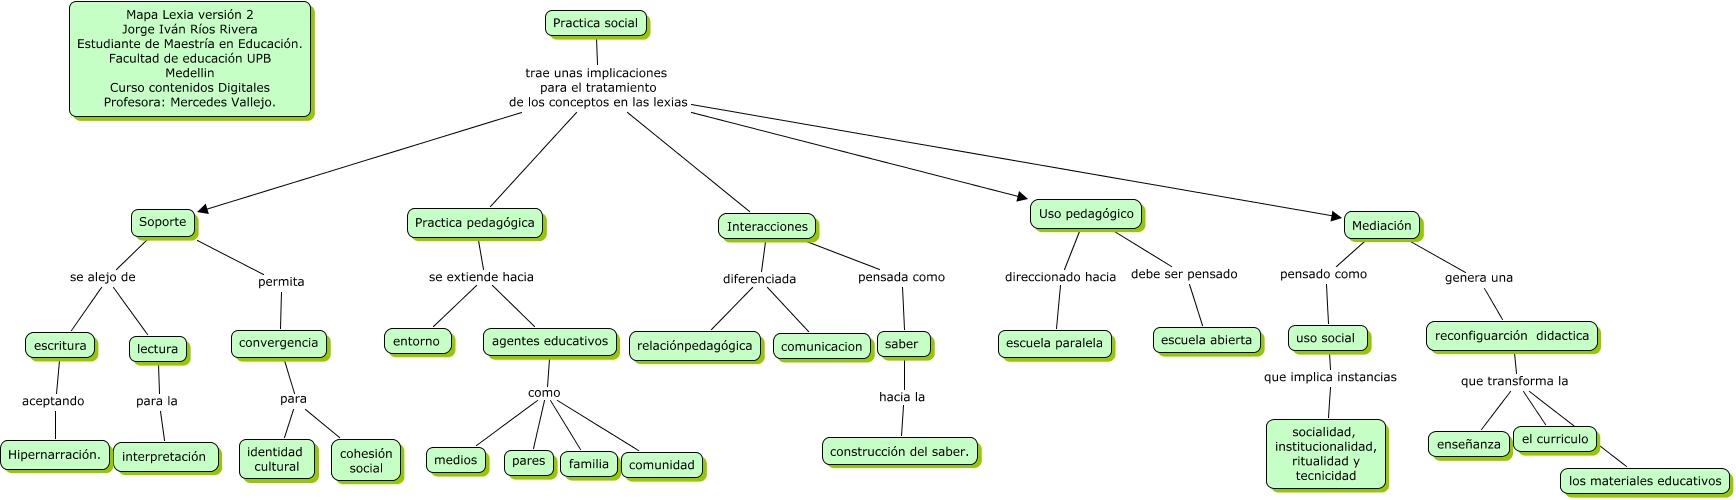 Version 2 lexia implicaciones concepto practica social for Practica de oficina concepto